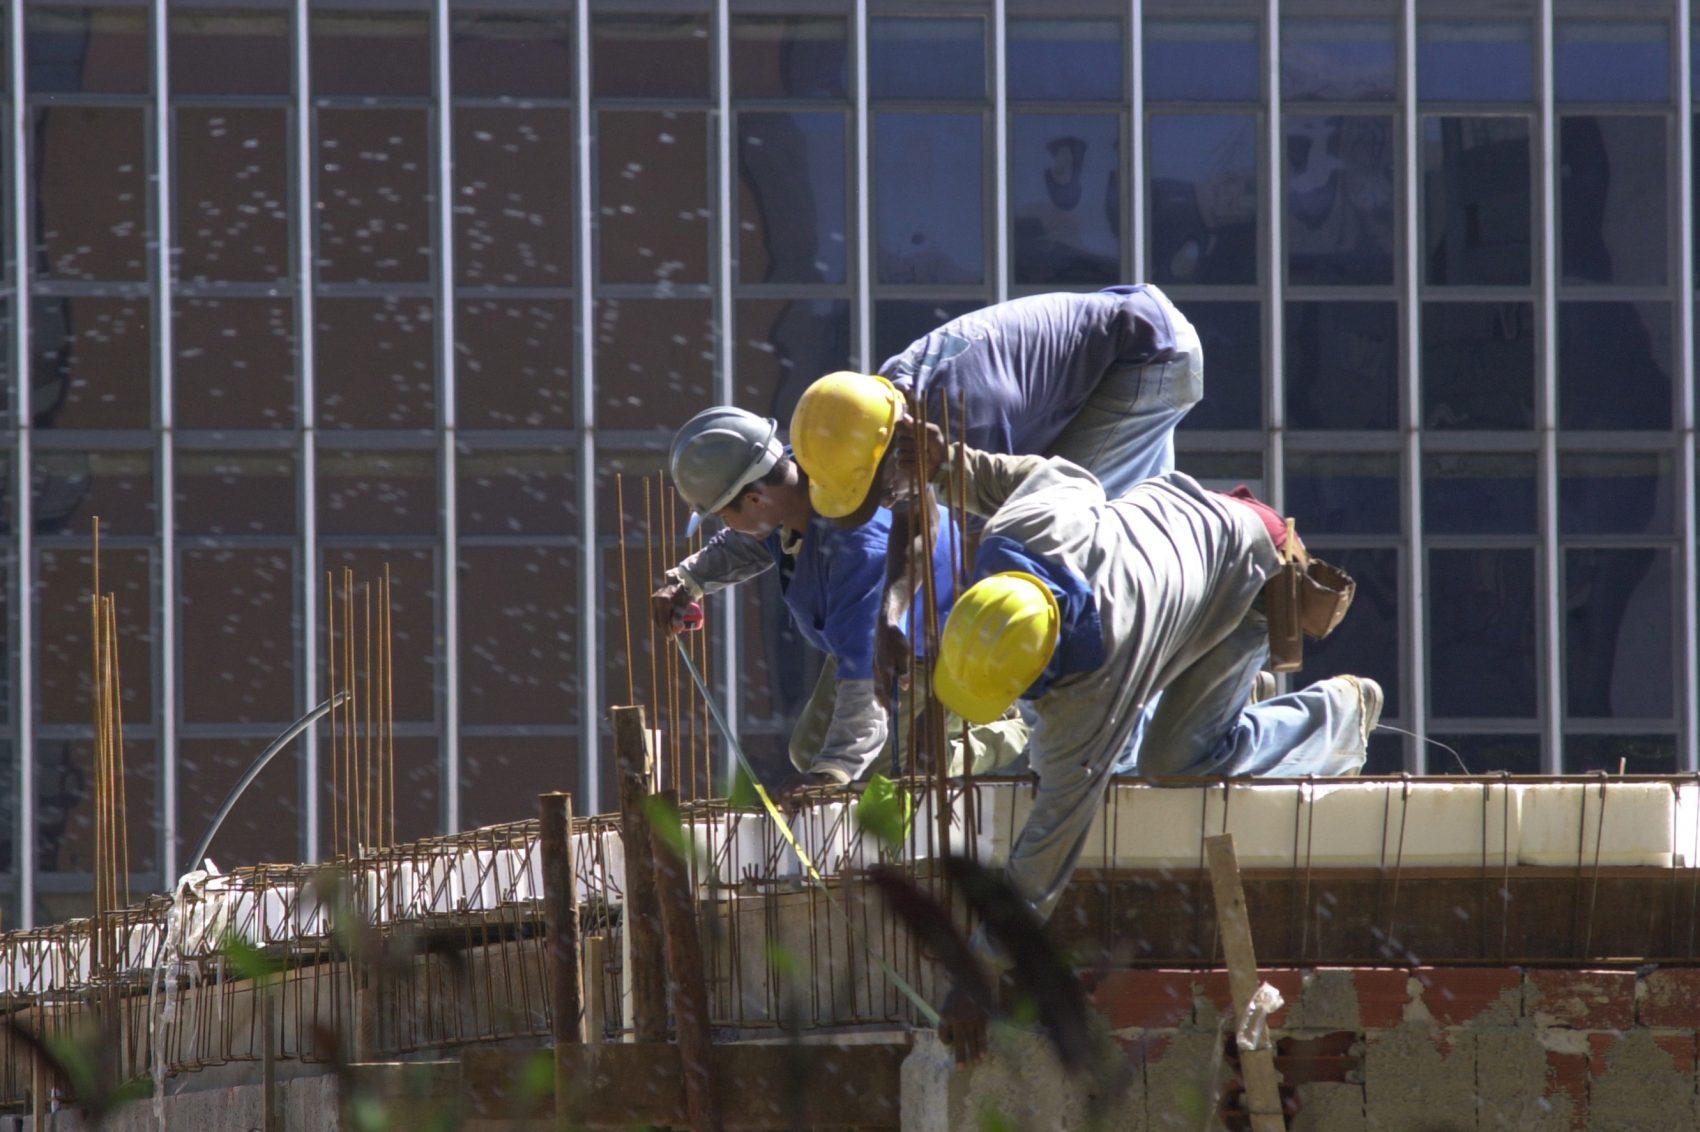 Sindicatos lançam manifesto em defesa das normas de segurança